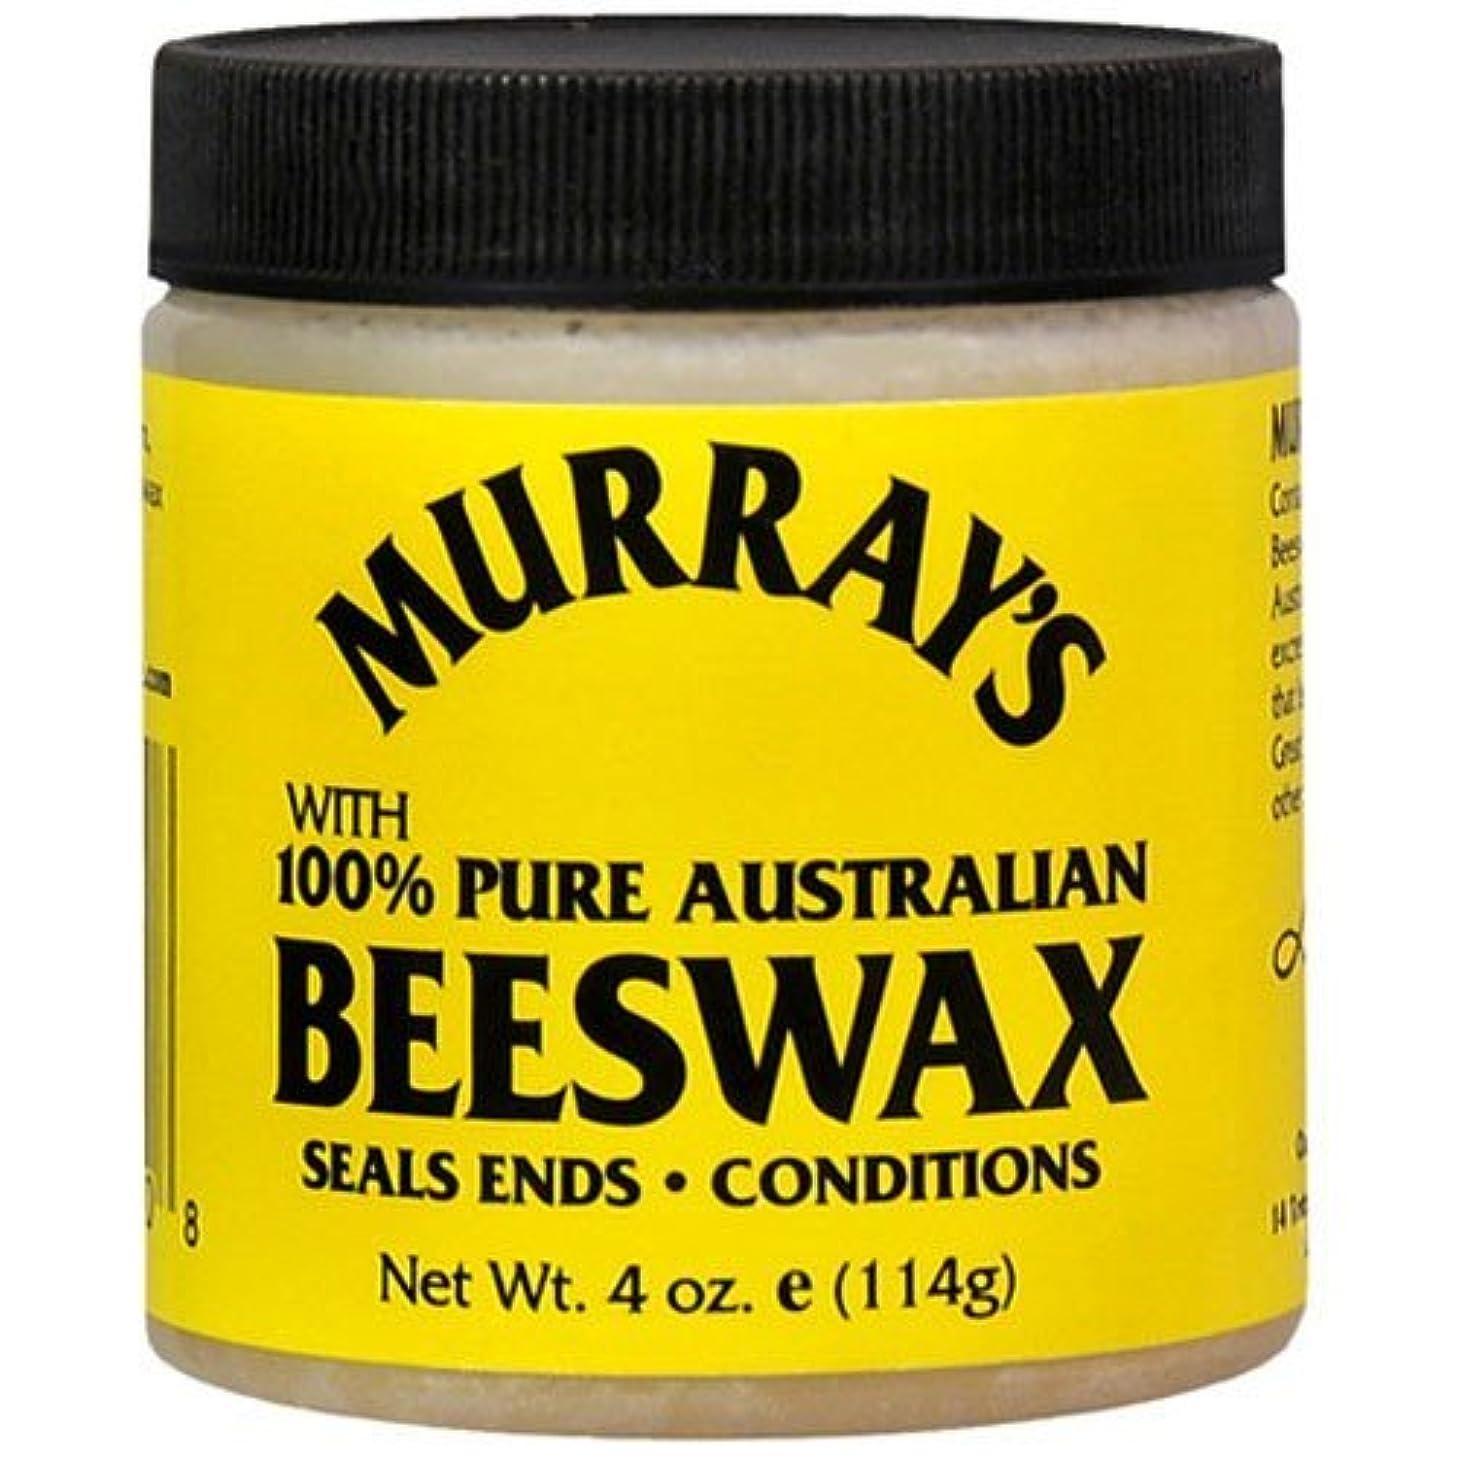 せせらぎヒューバートハドソン彼らのMurrays マレー'S黄色蜜蝋、4オンス(3パック)